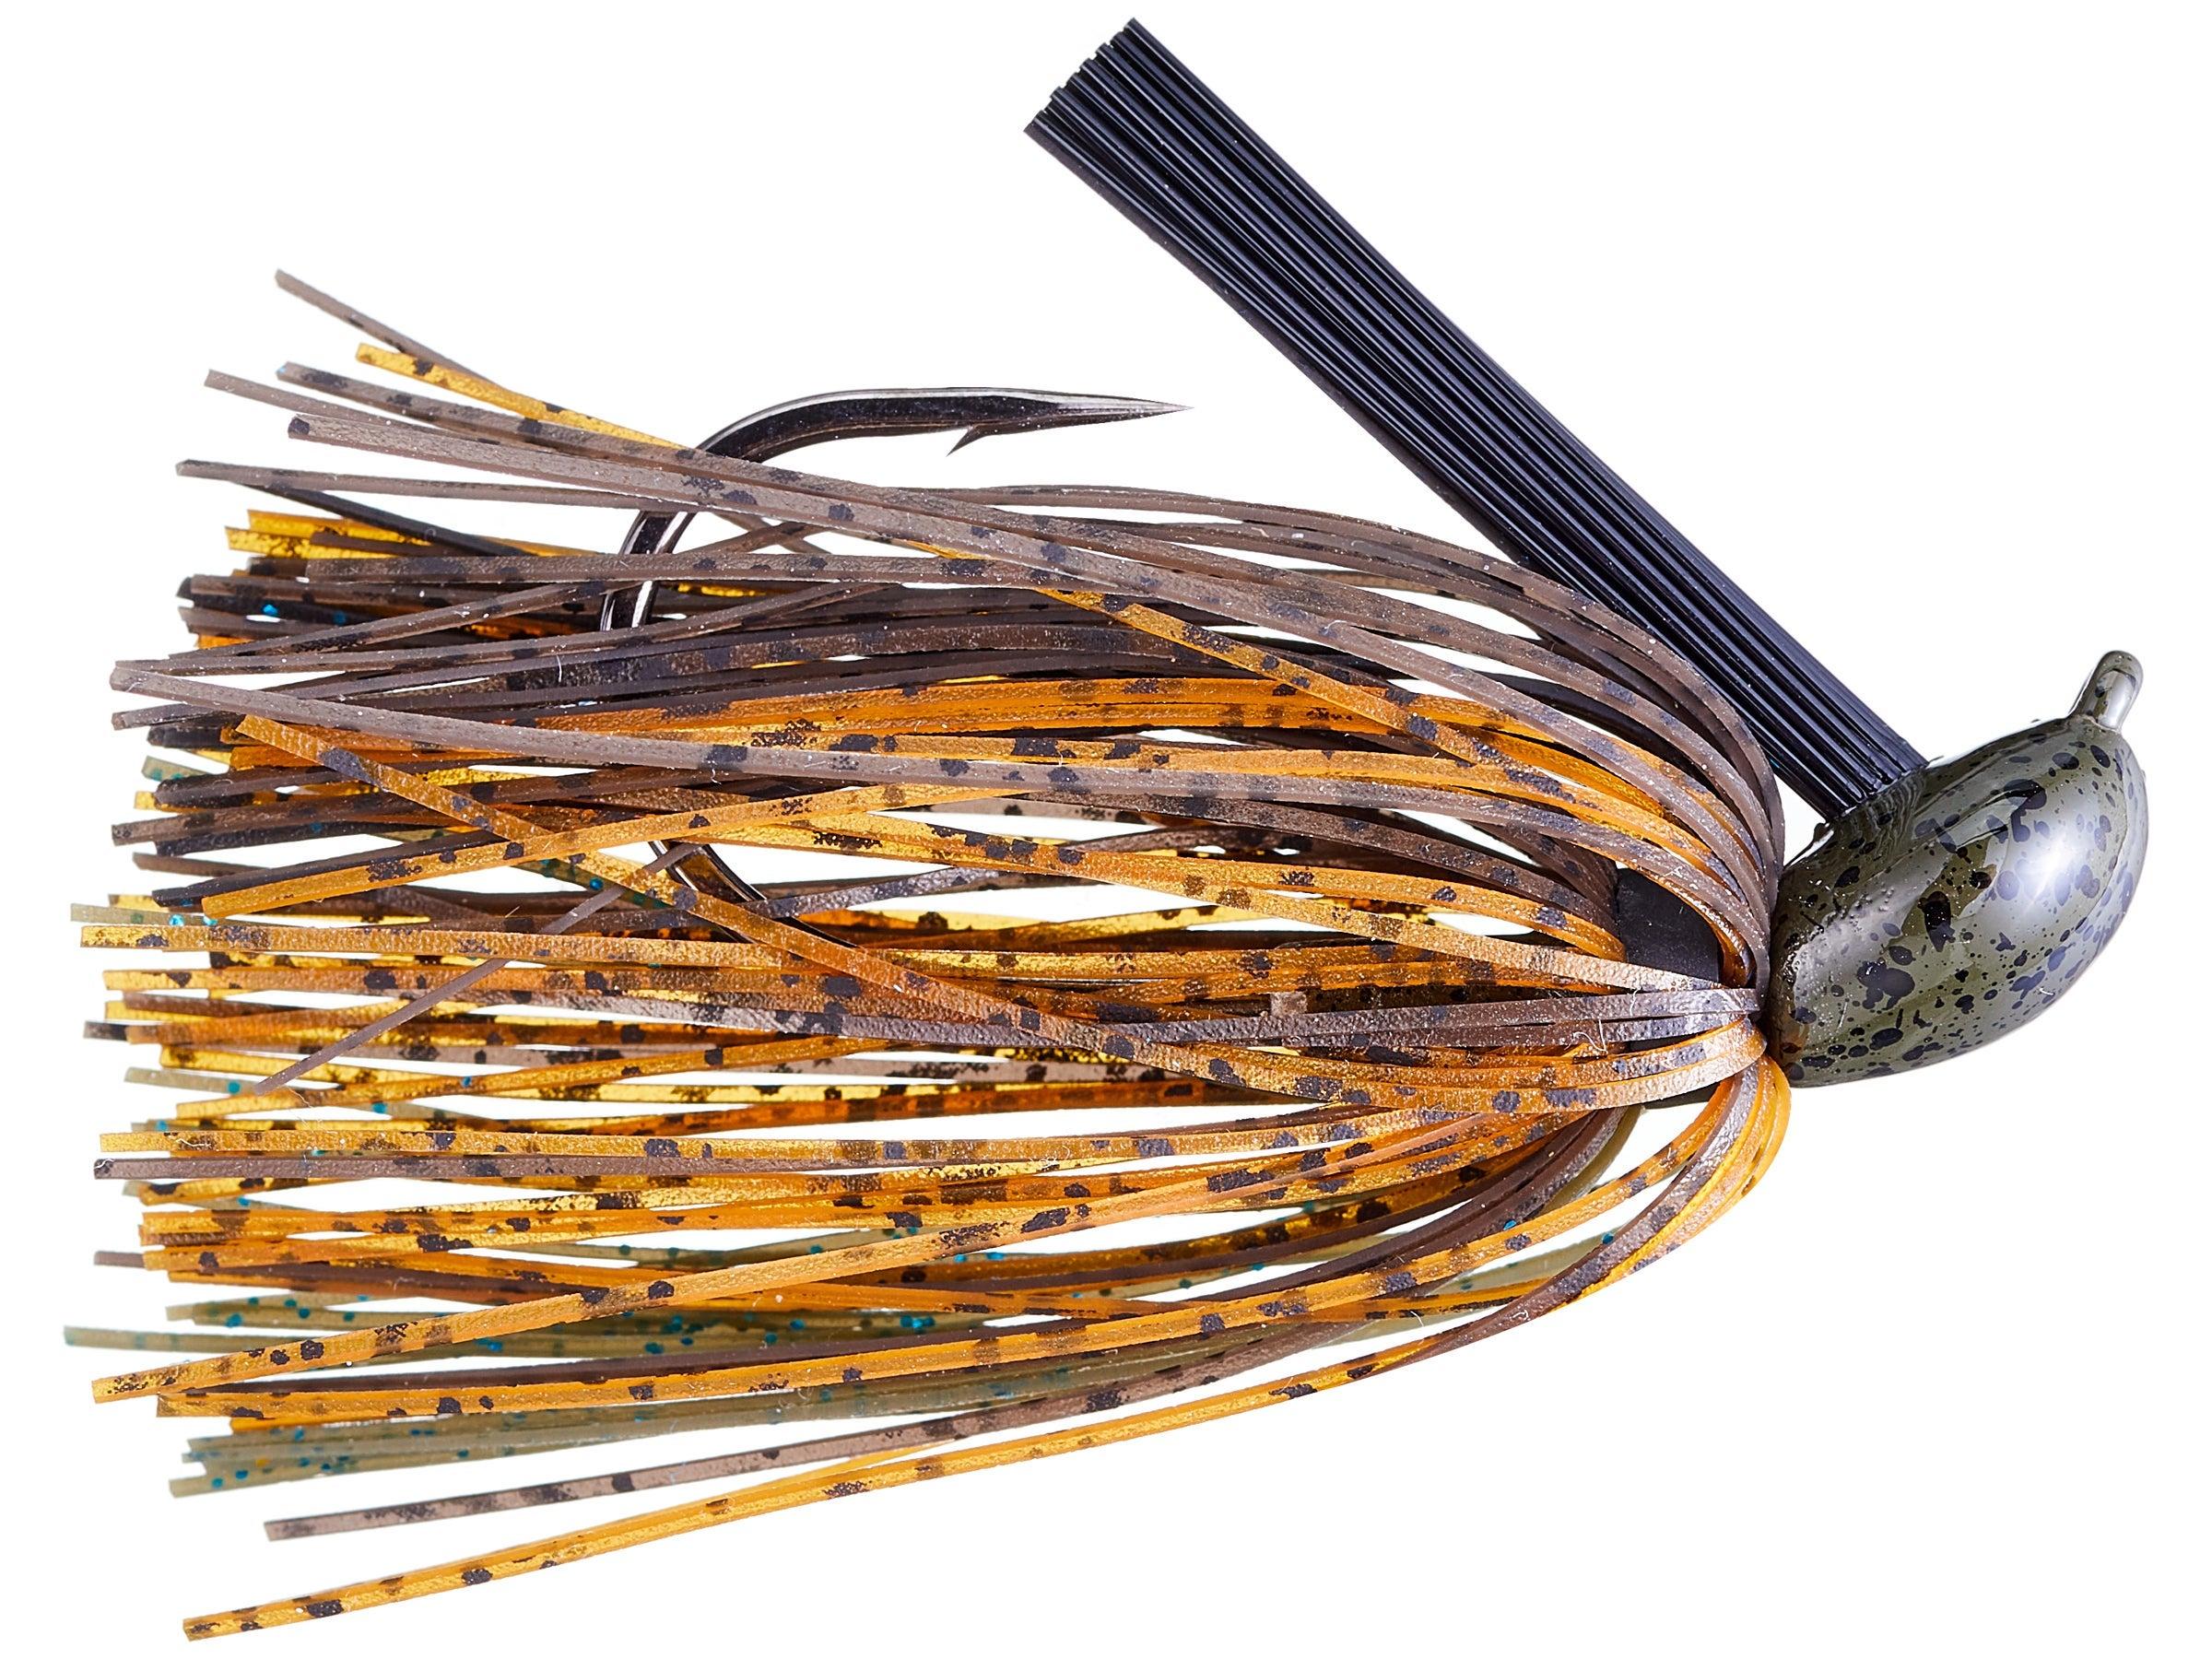 hank brown hook up rig